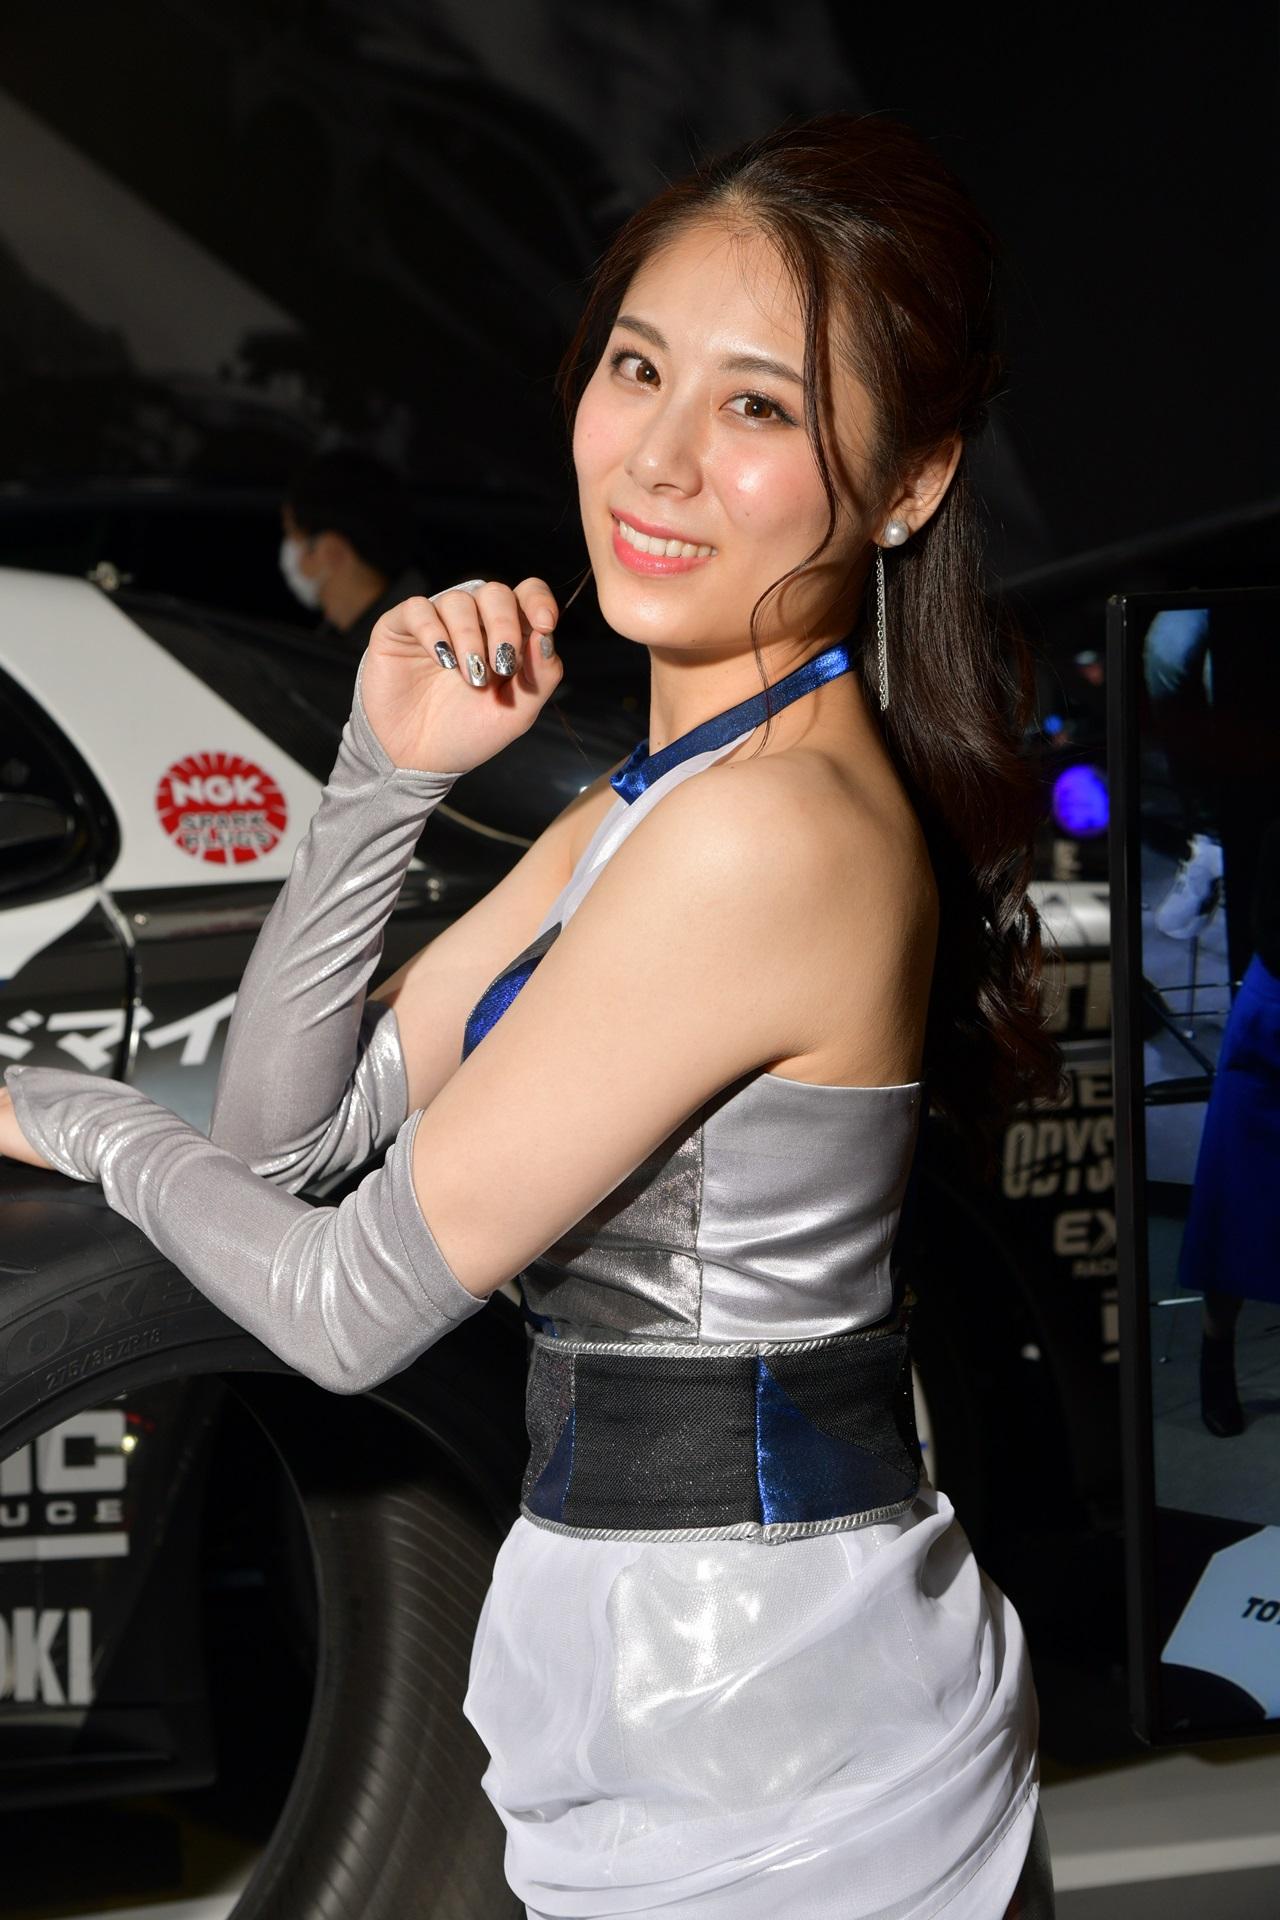 「勝手にニックネームコンテスト開催! 「TOYO TIRES」「NITTO」の女の子に愛称をつけよう【東京オートサロン2020】」の4枚目の画像